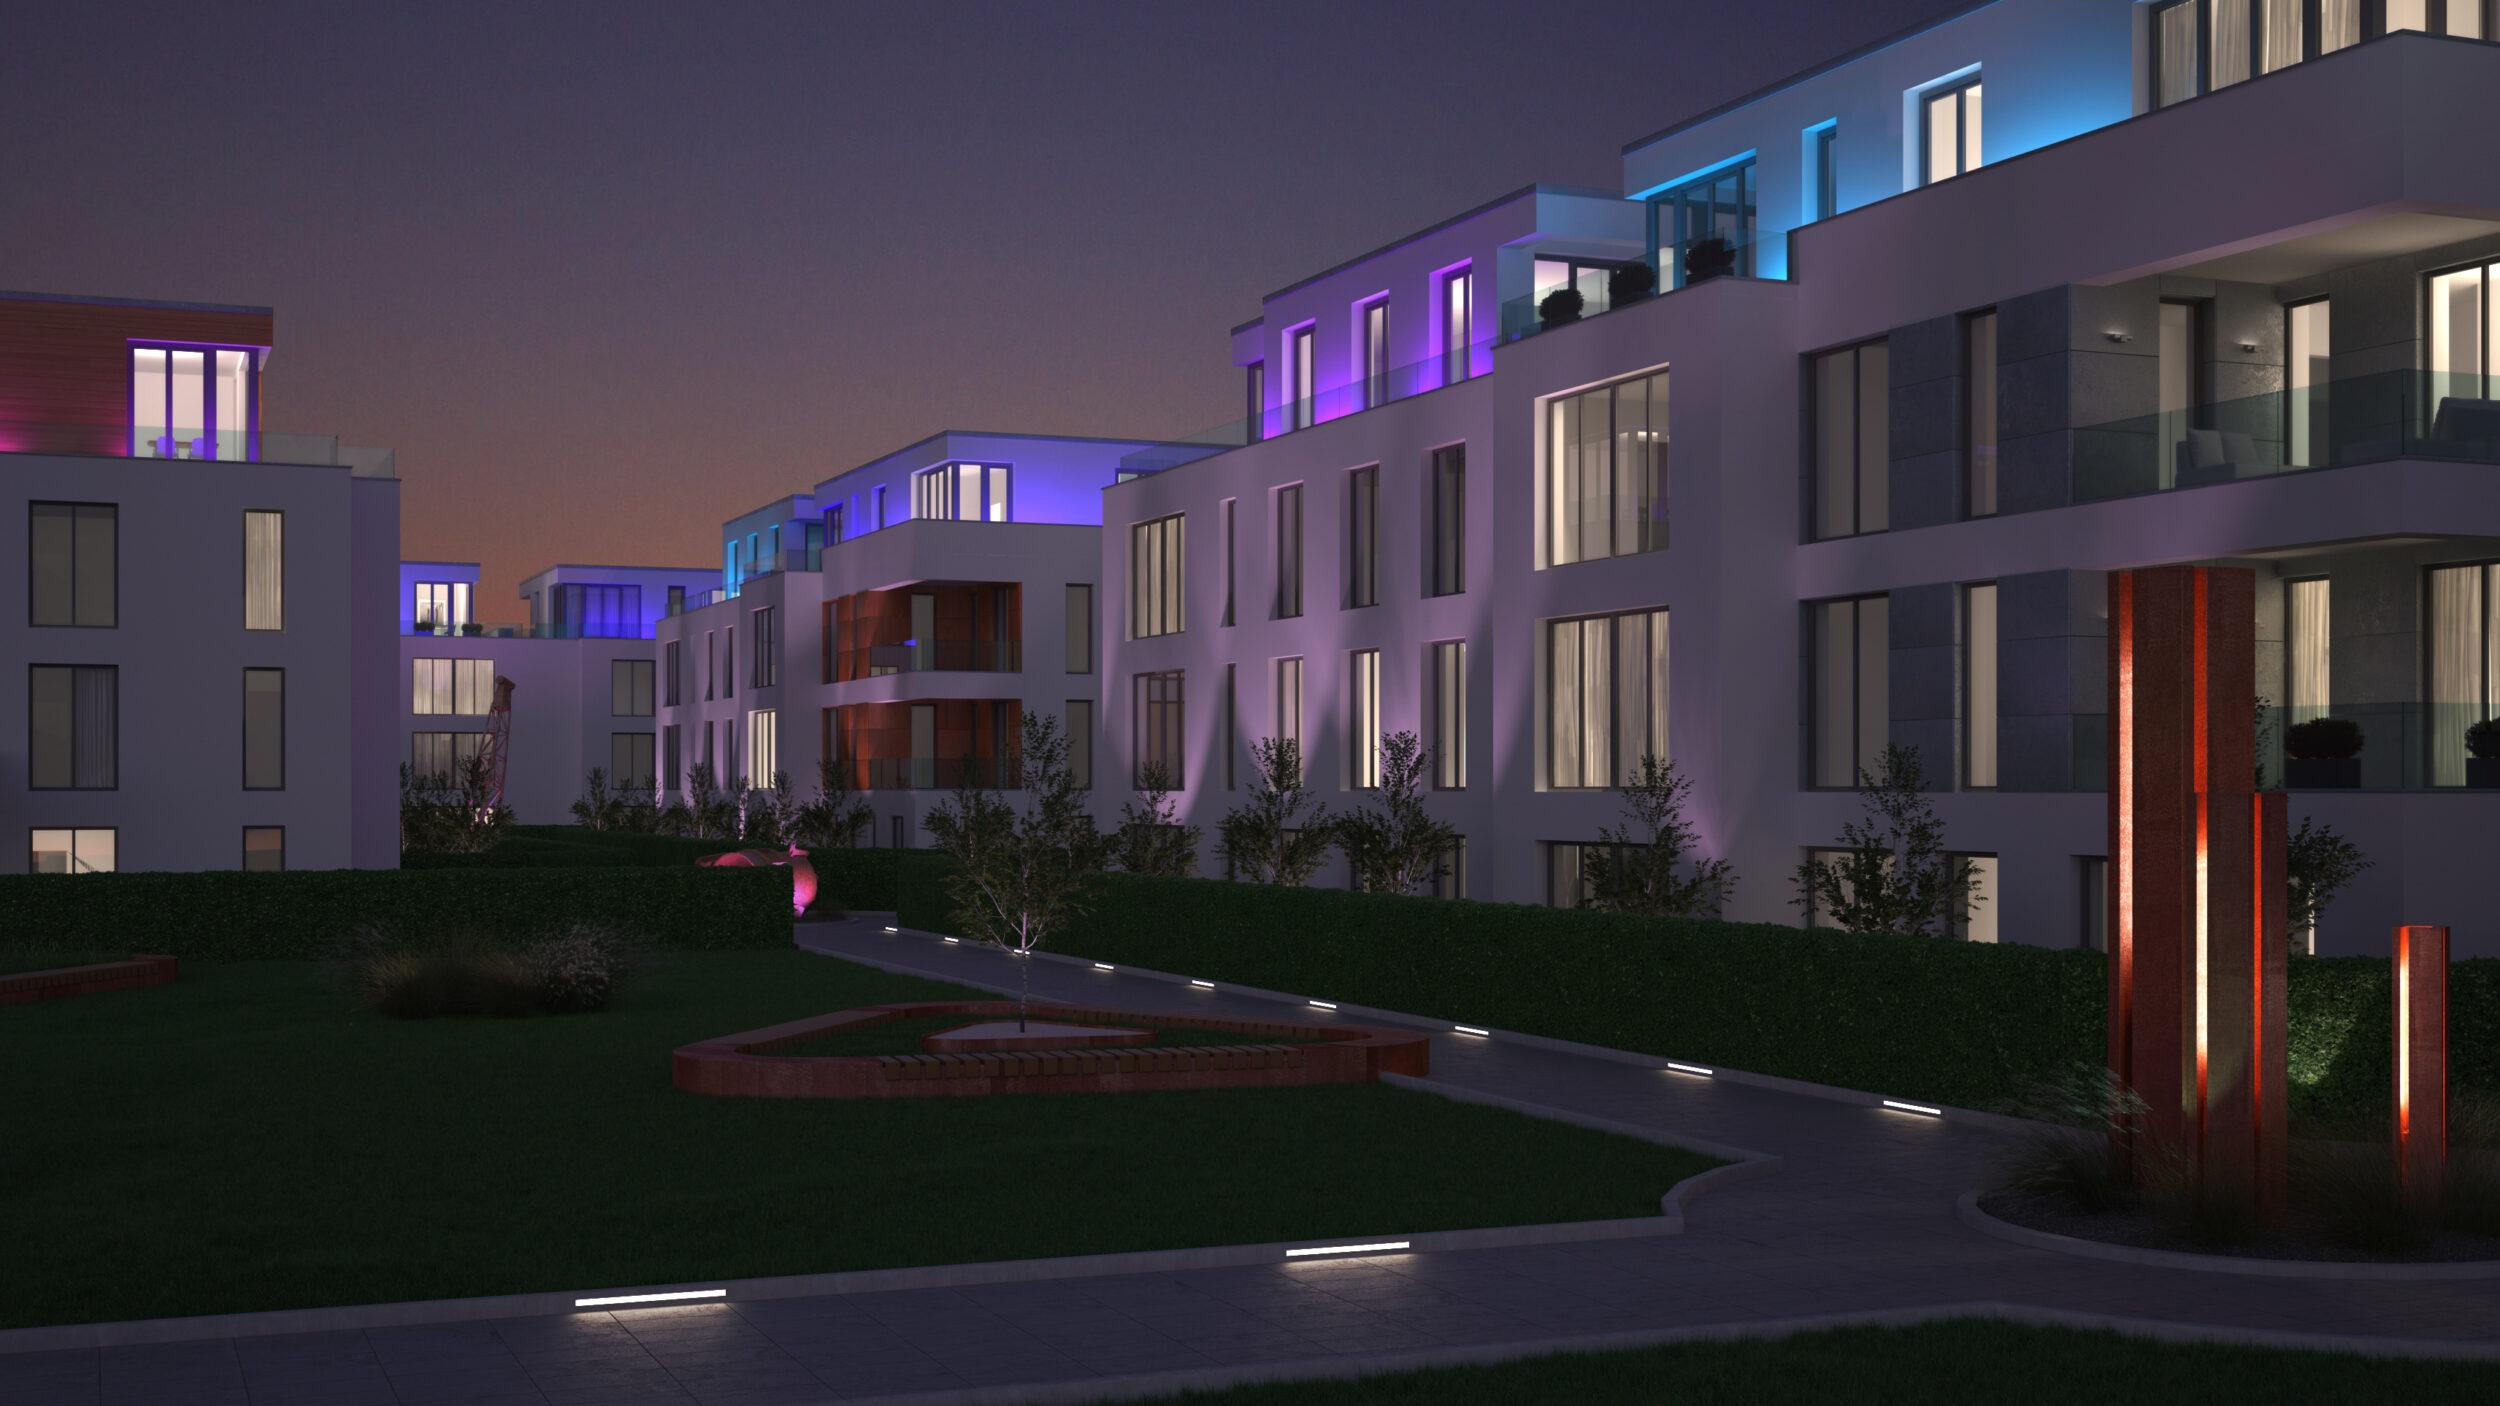 modernes Wohnquartier